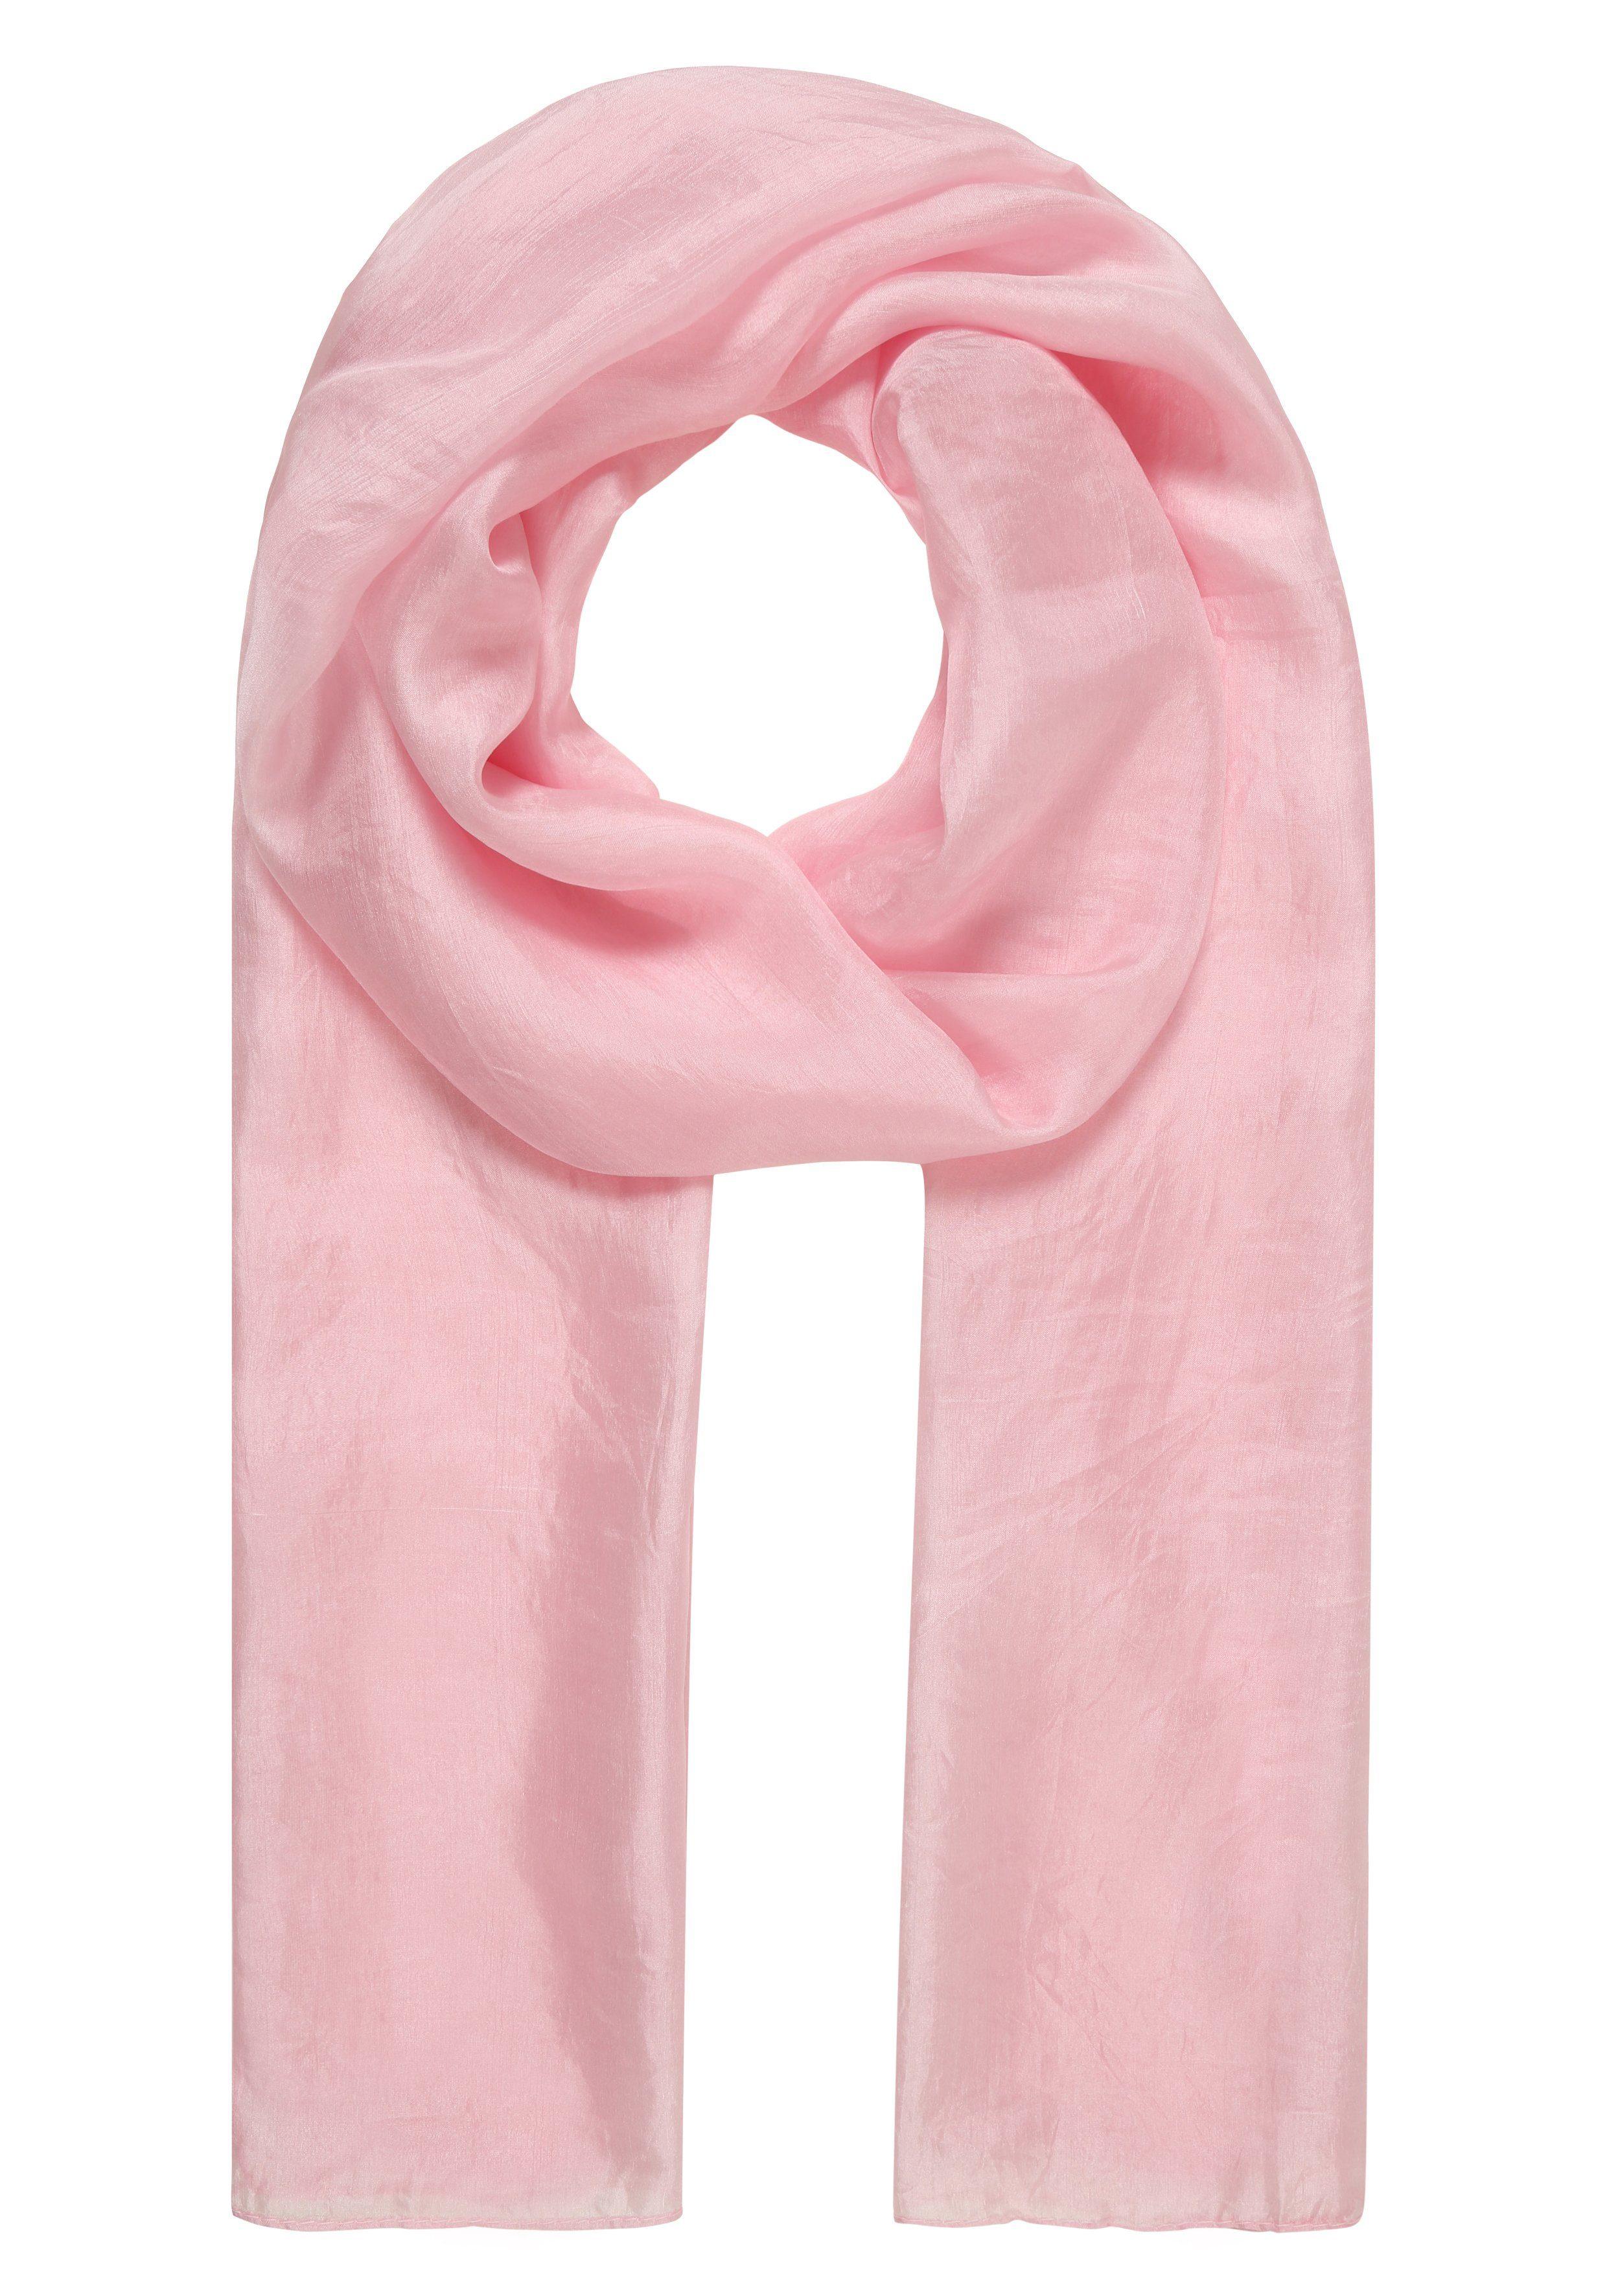 08264b8b53f1c1 Schals für Damen online kaufen | Damenmode-Suchmaschine | ladendirekt.de